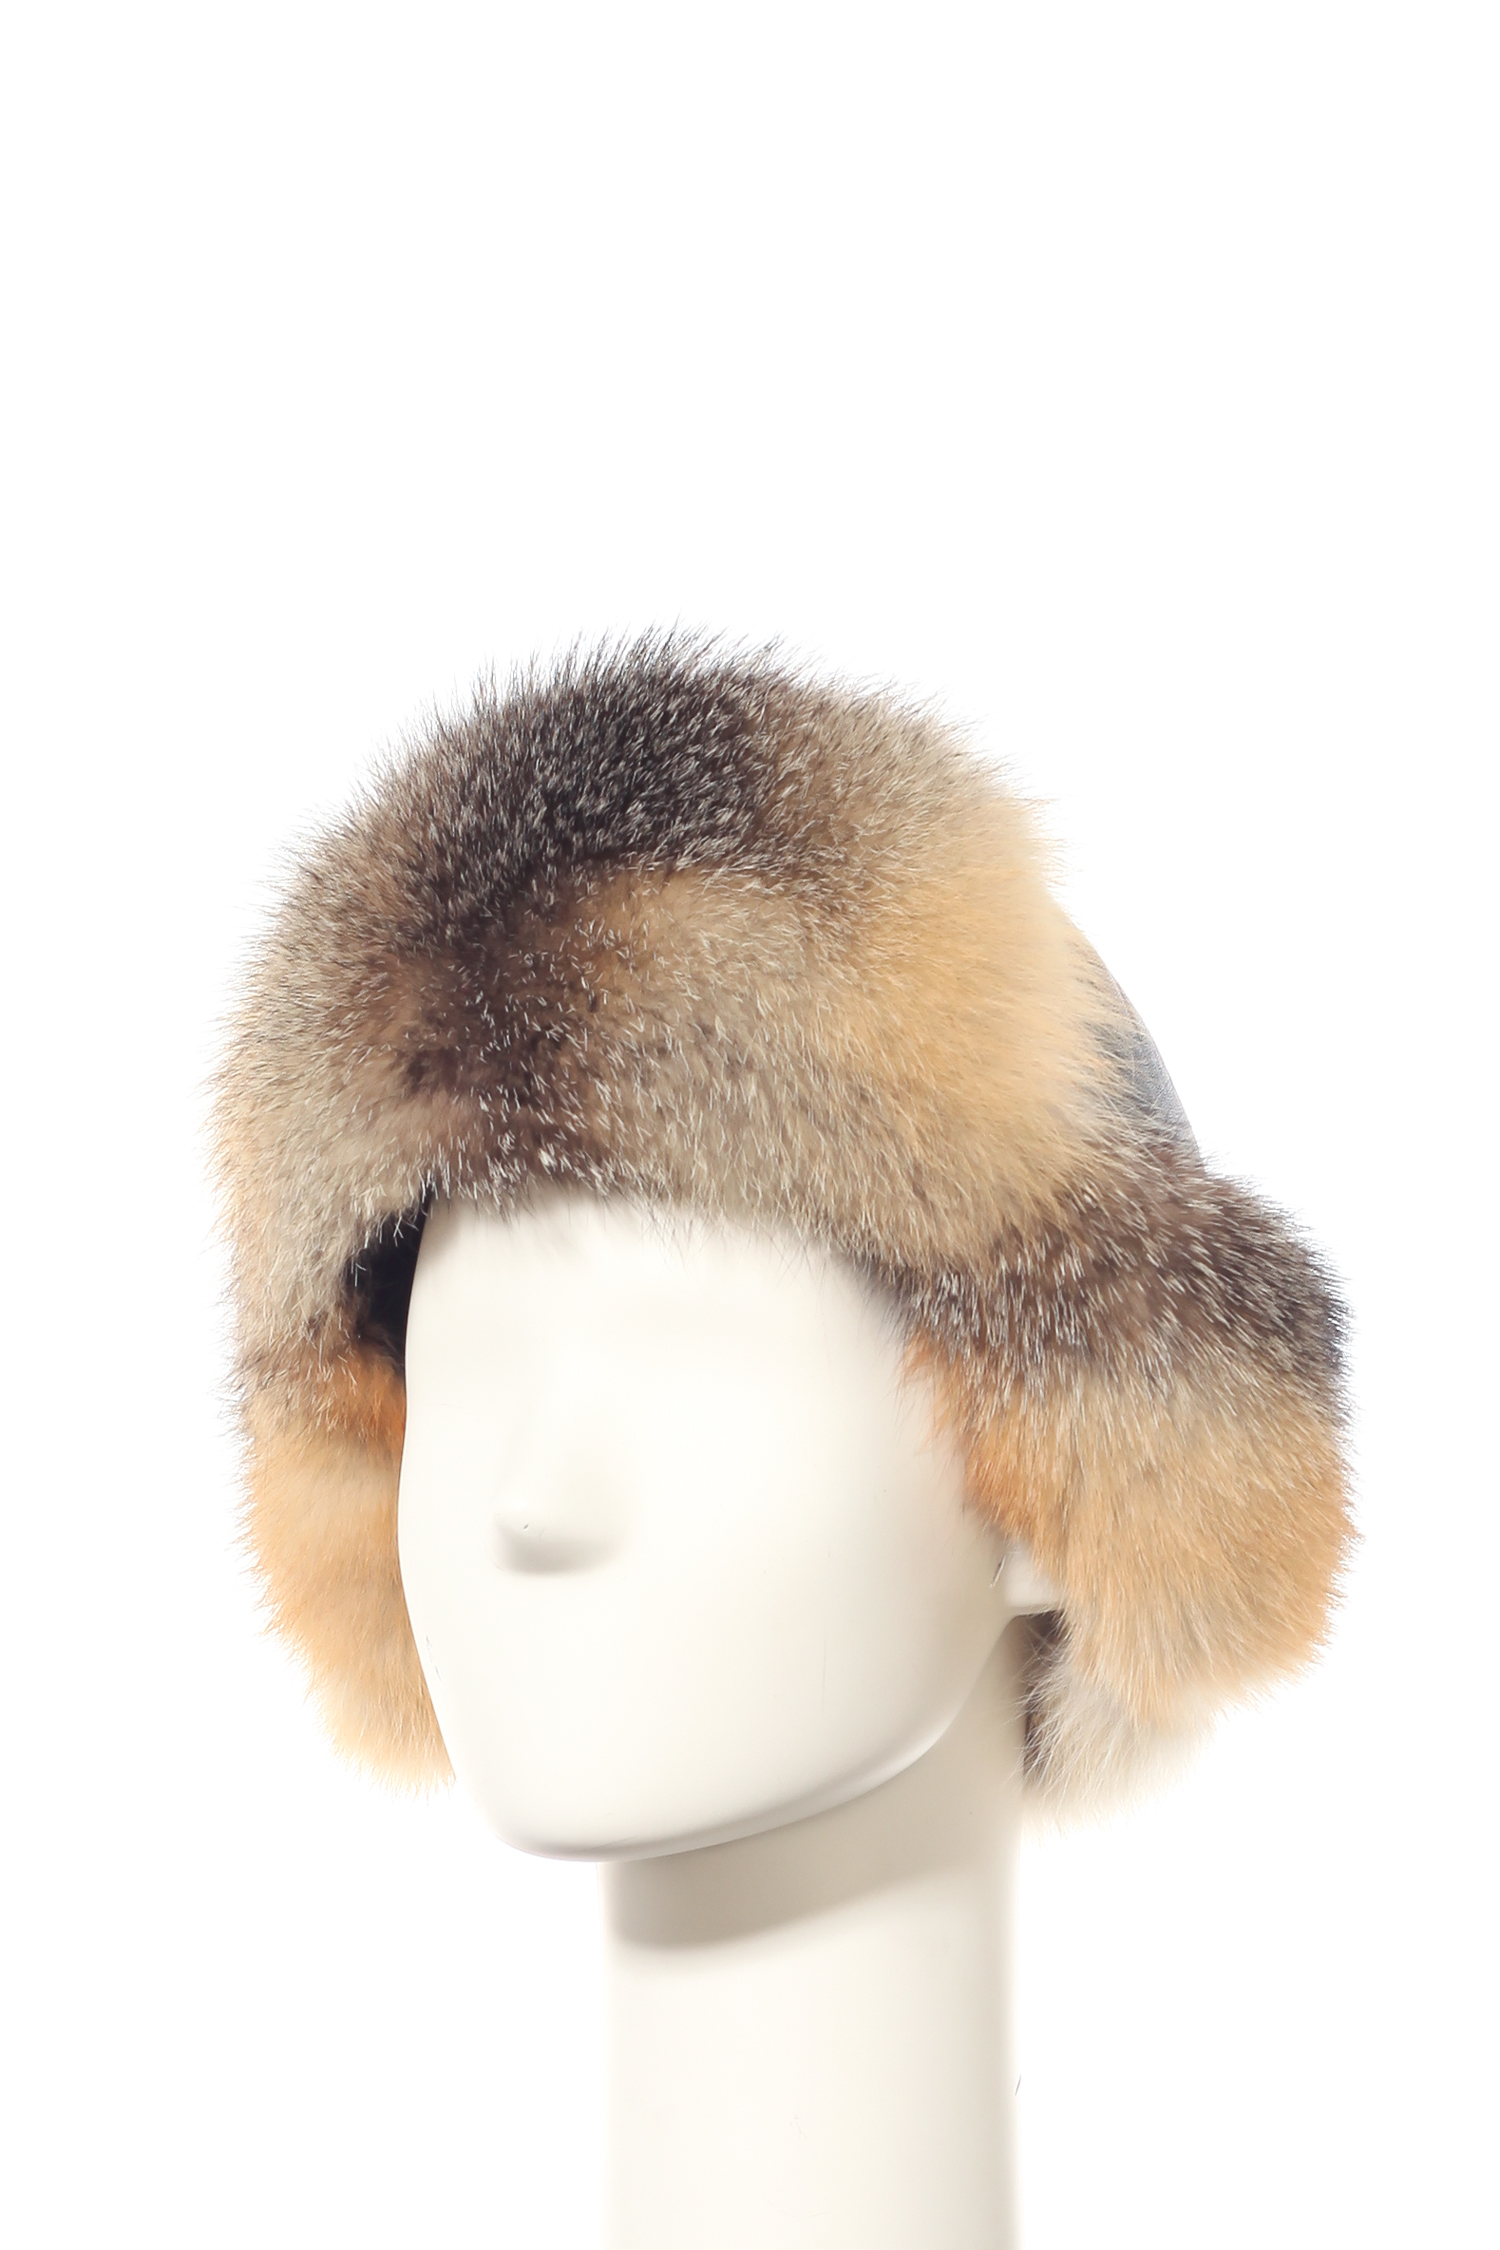 Шапка мужская из натуральной кожи, отделка лиса от Московская Меховая Компания